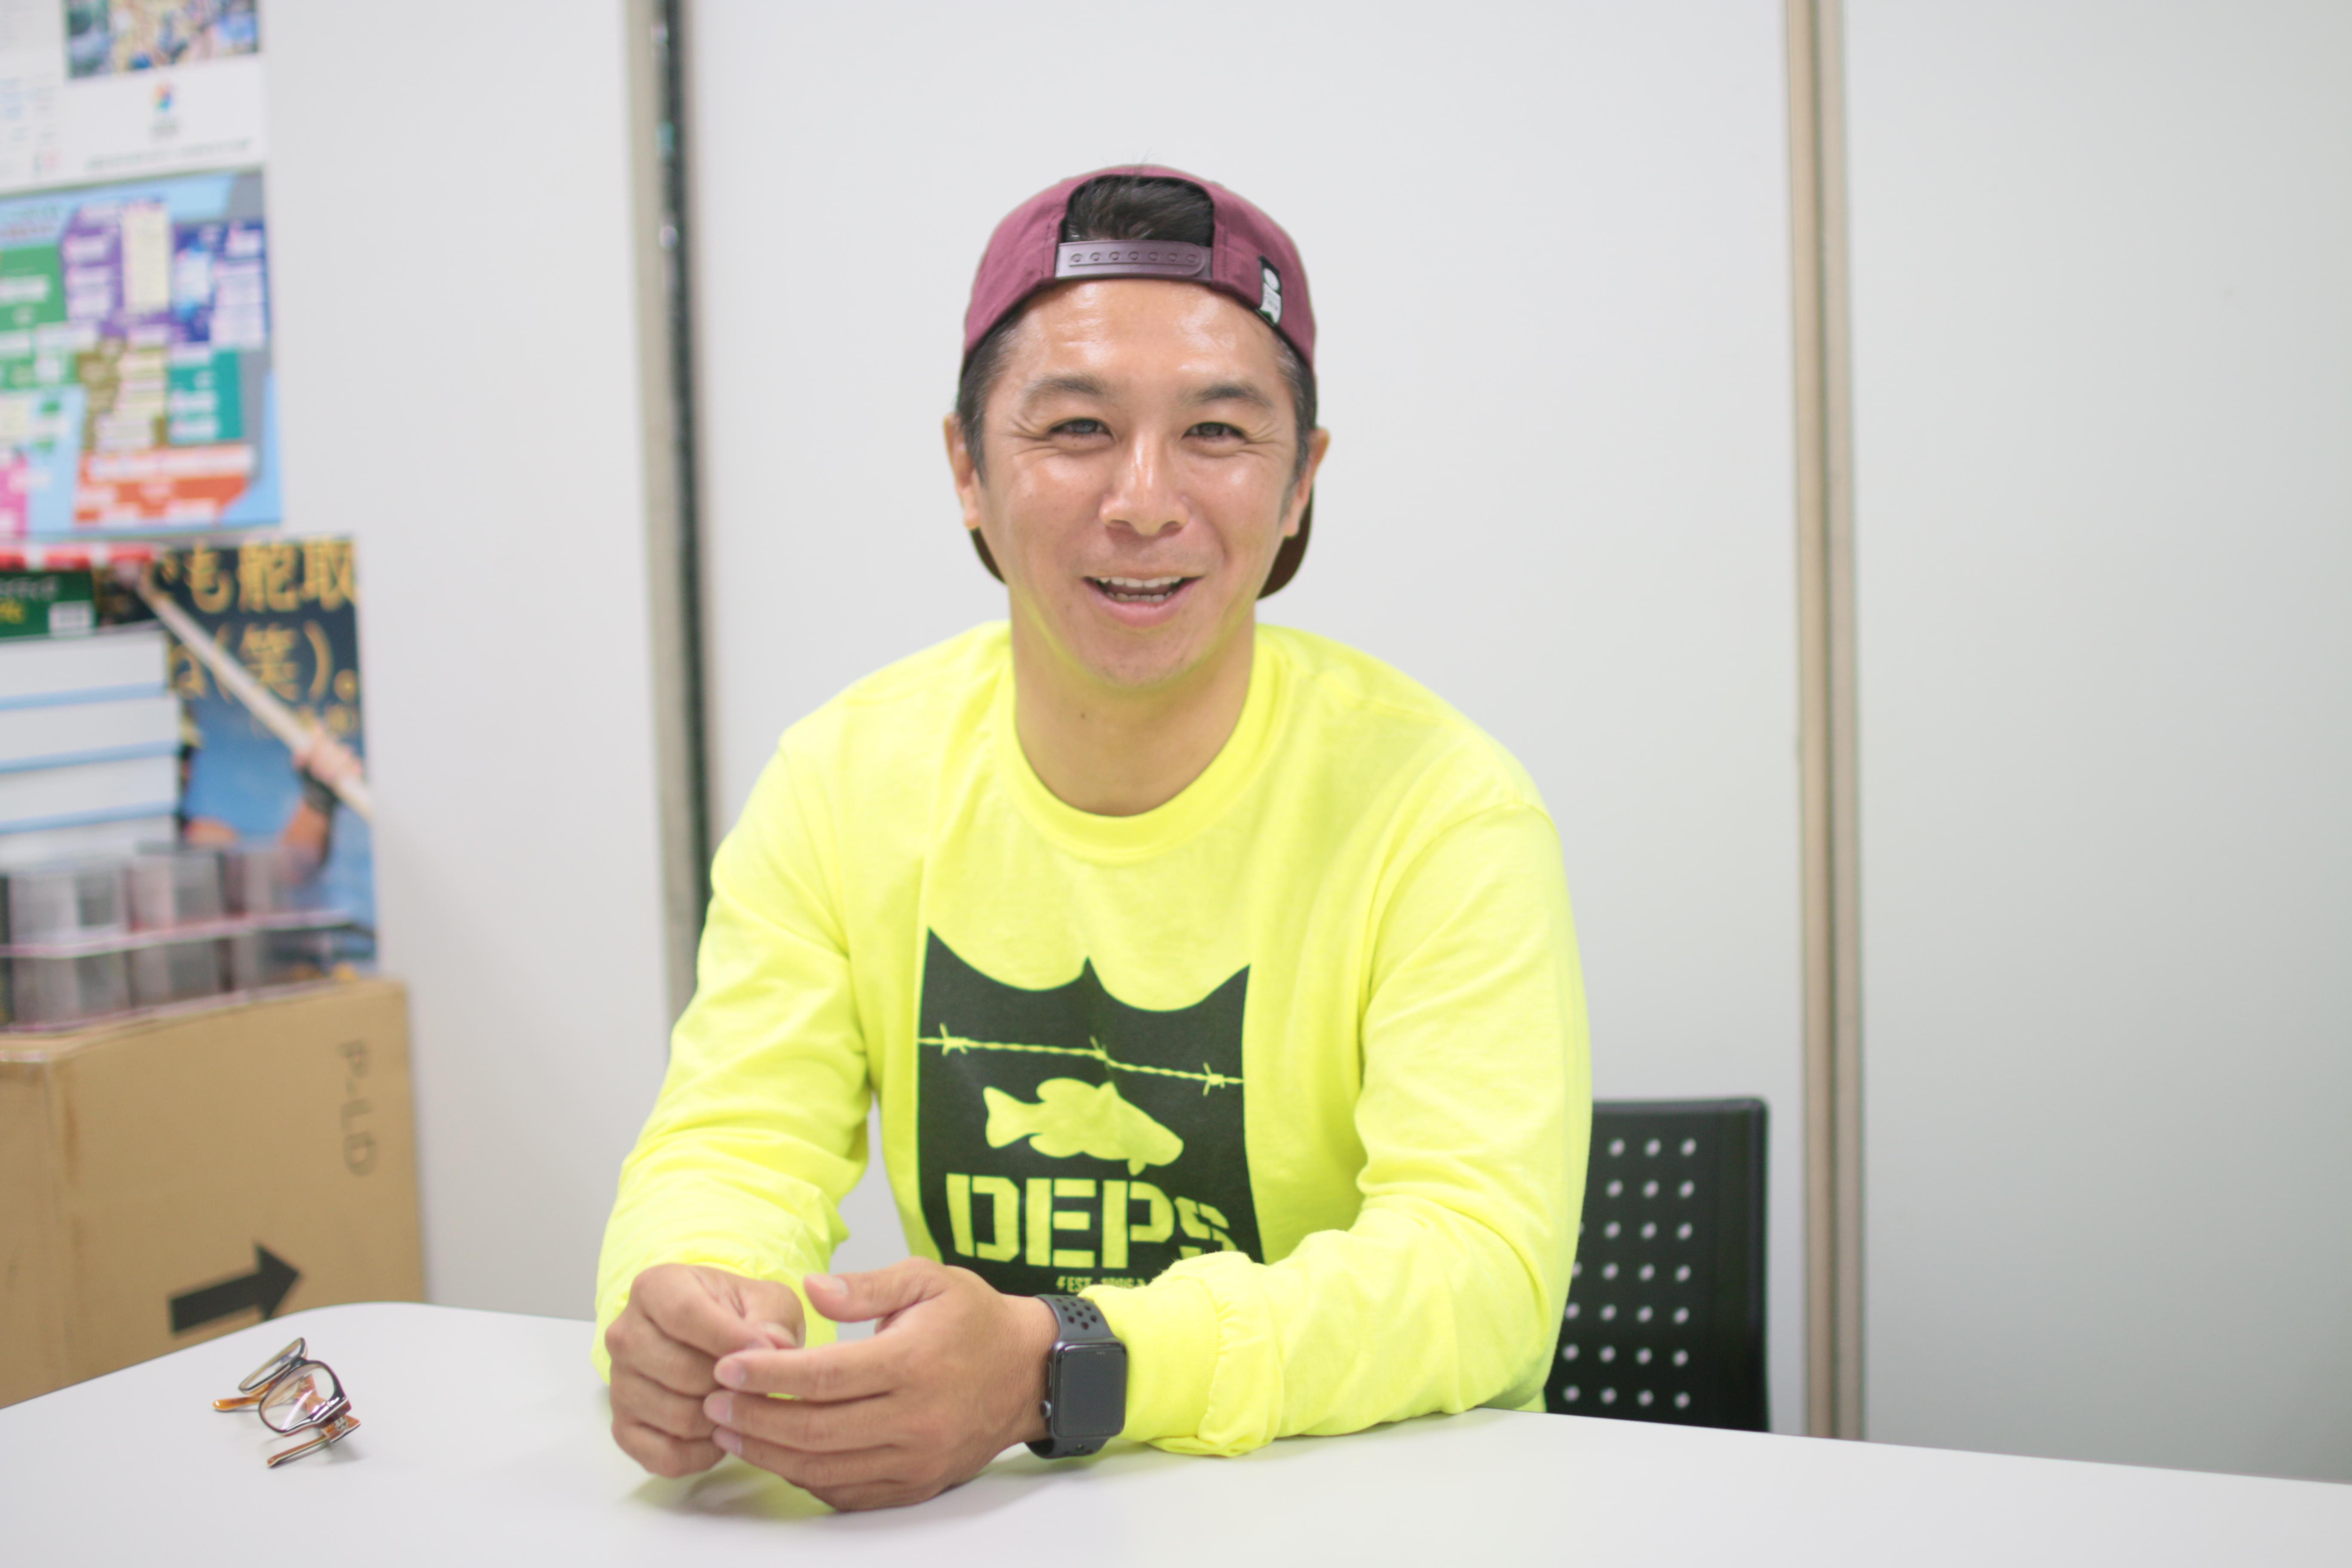 今流行りのスノボーファッションについて、またまた石川に聞いてみました。